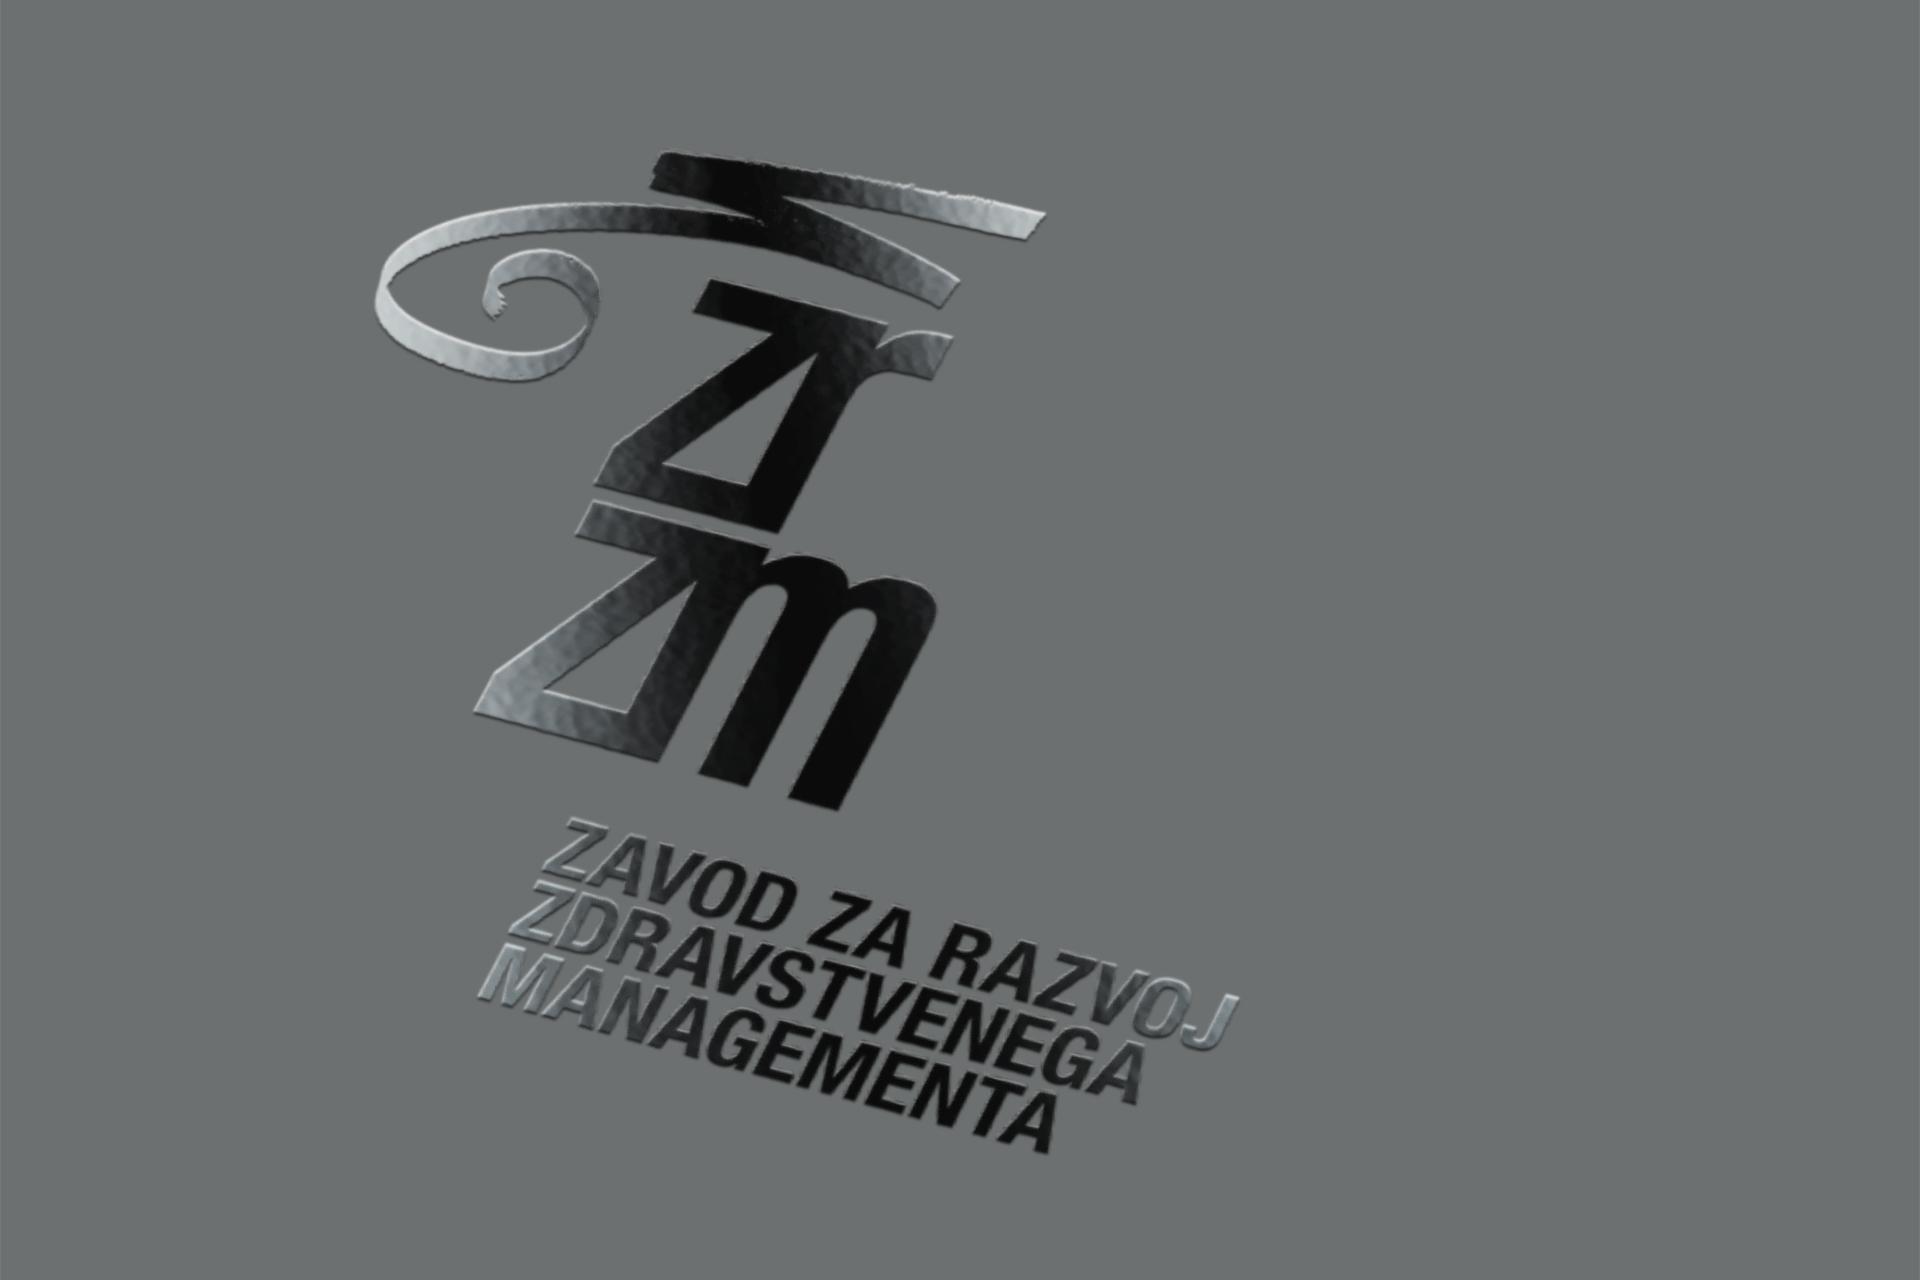 zrzm_logo_uv_ma-ma